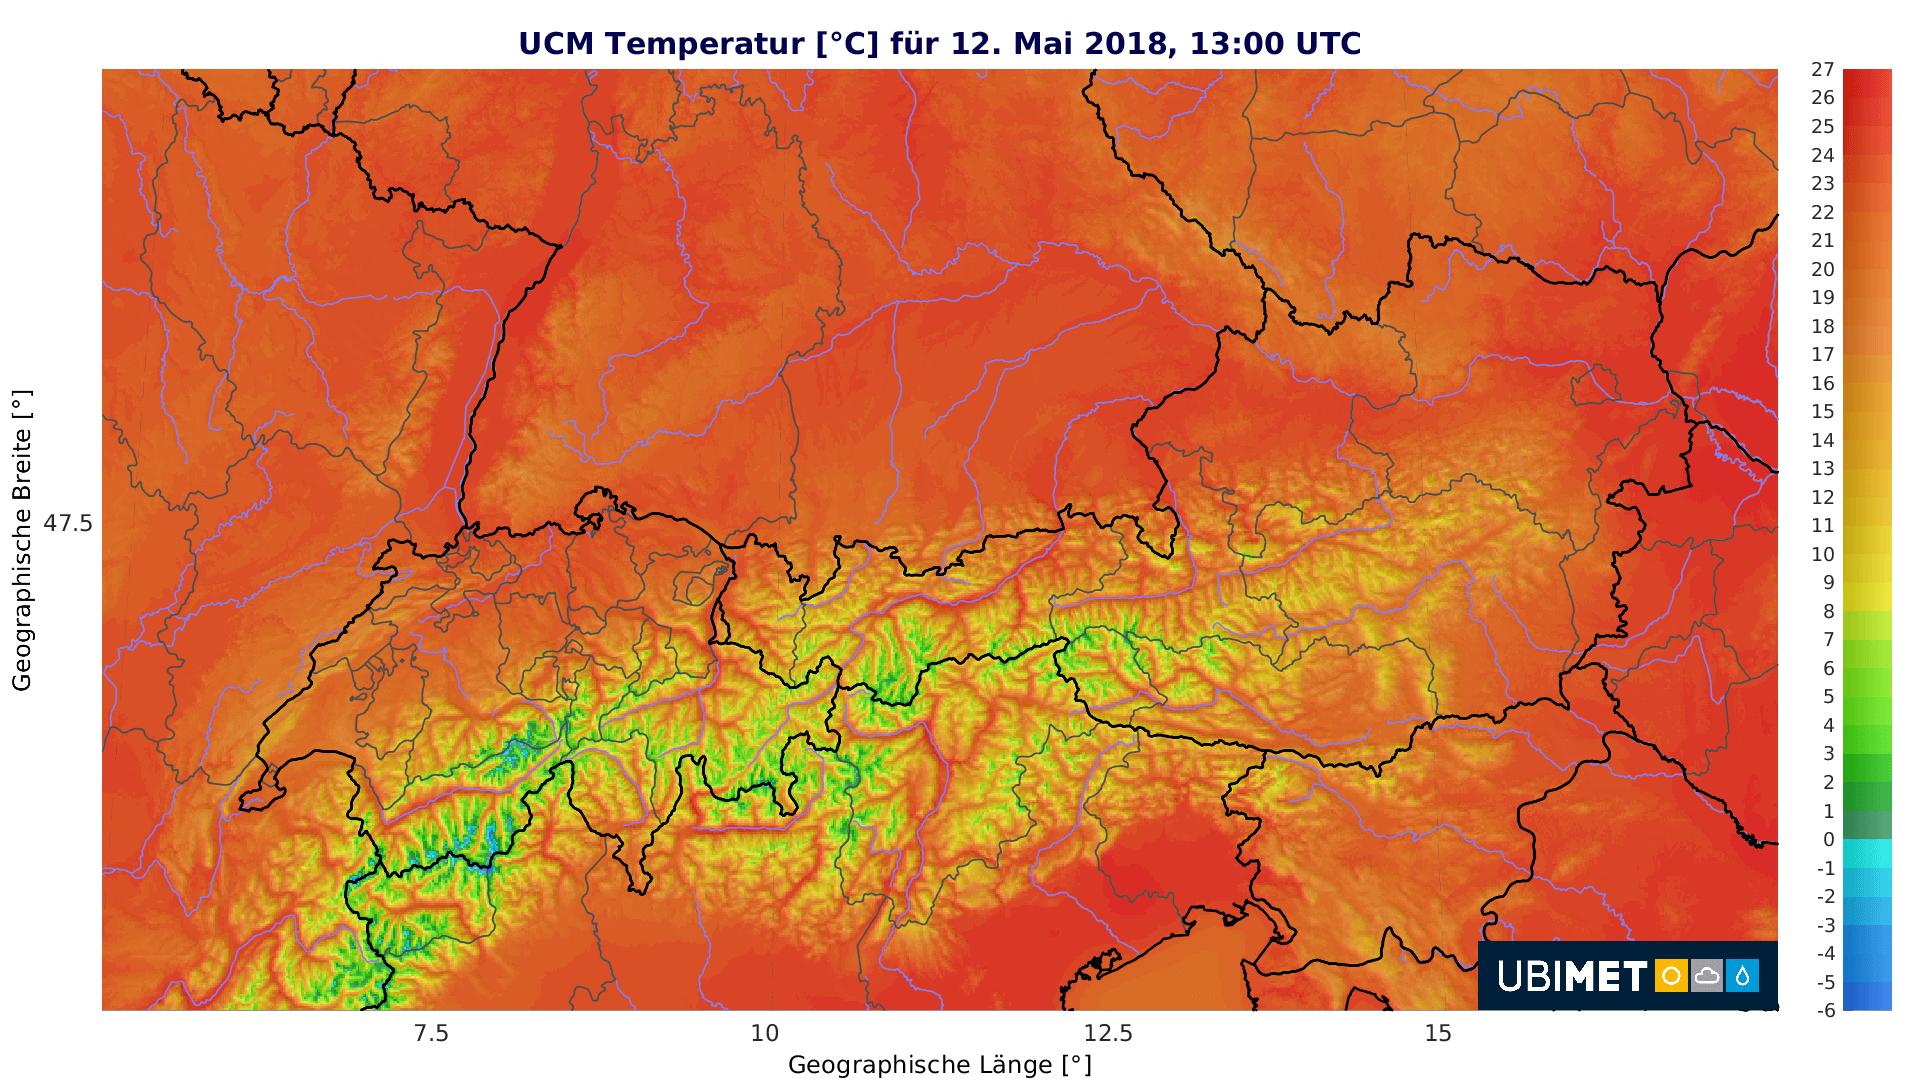 Sommerliche Temperaturen am Wochenende. © UBIMET